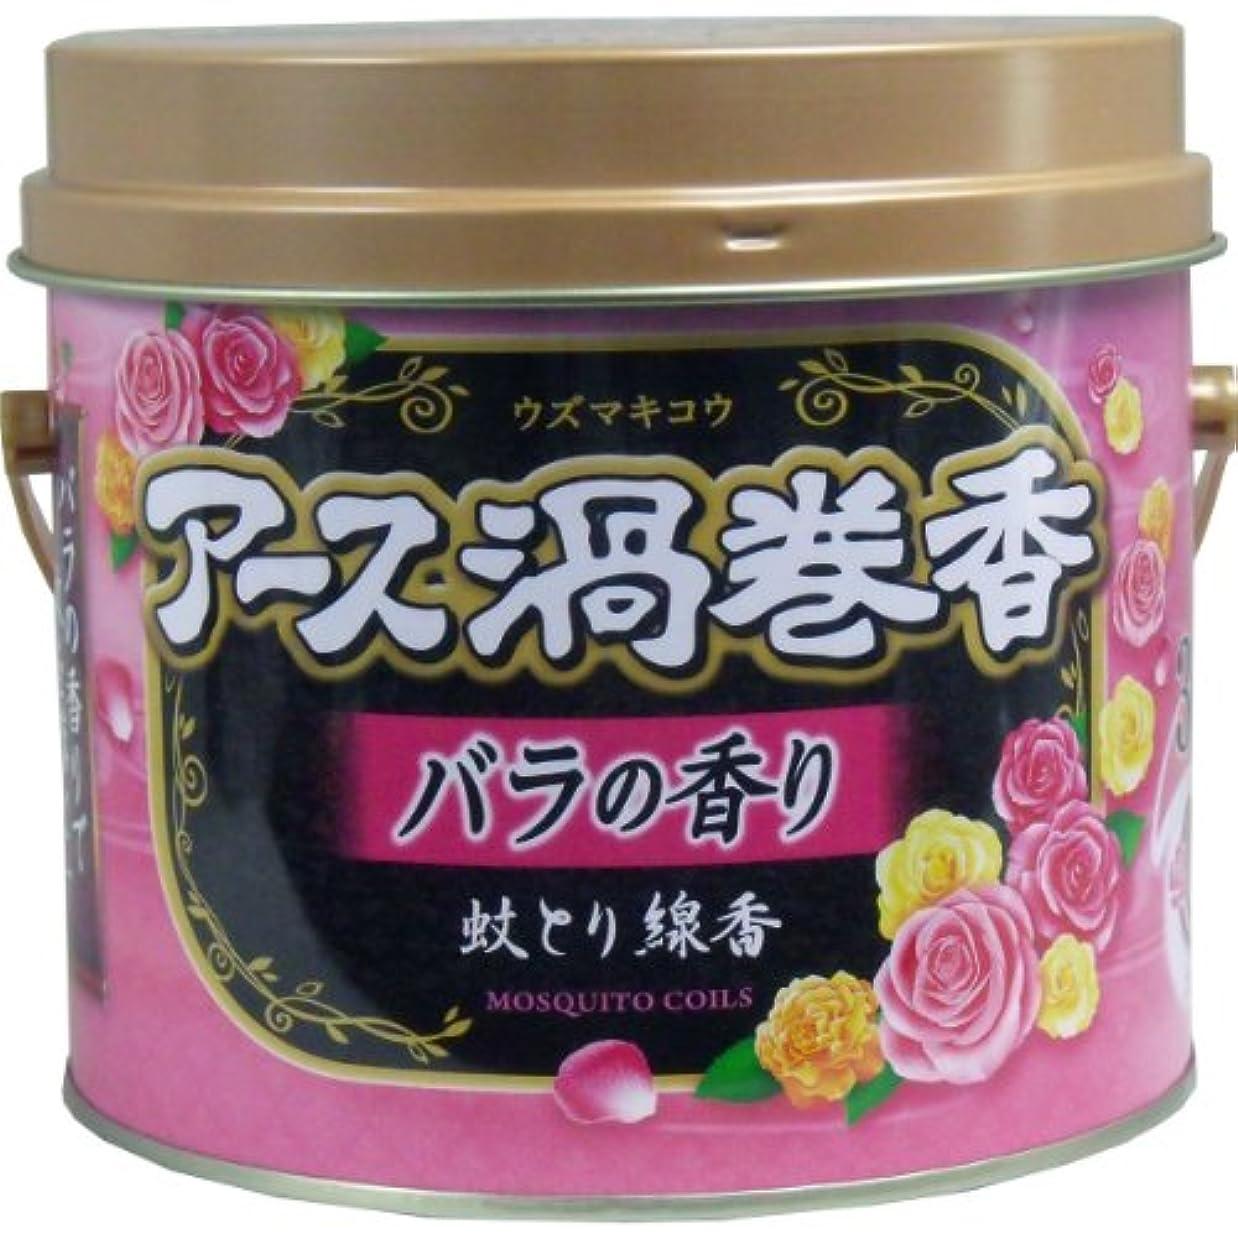 寄り添う誘う可愛いアース渦巻香 蚊とり線香 バラの香り 30巻